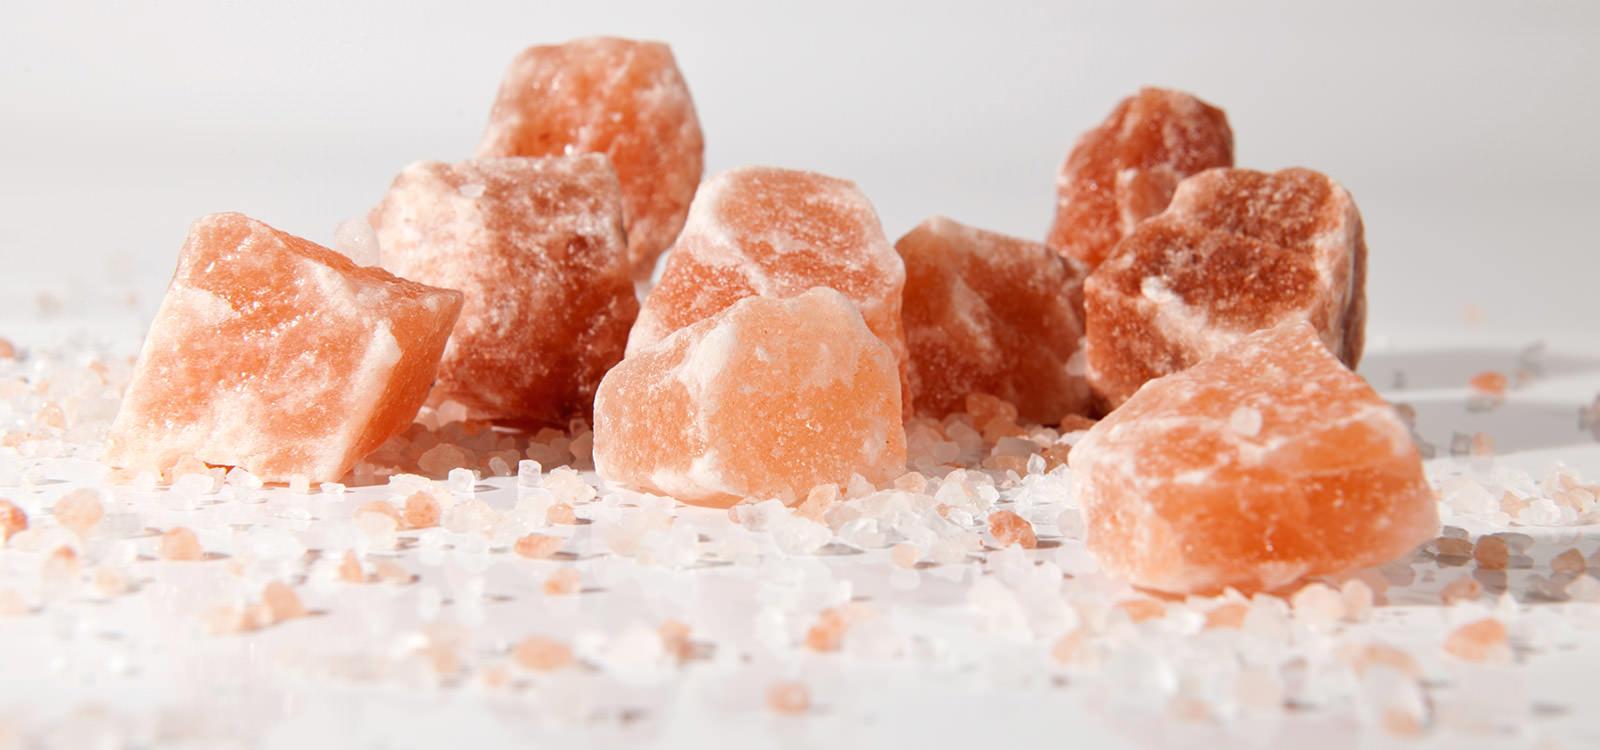 kristallen-1600